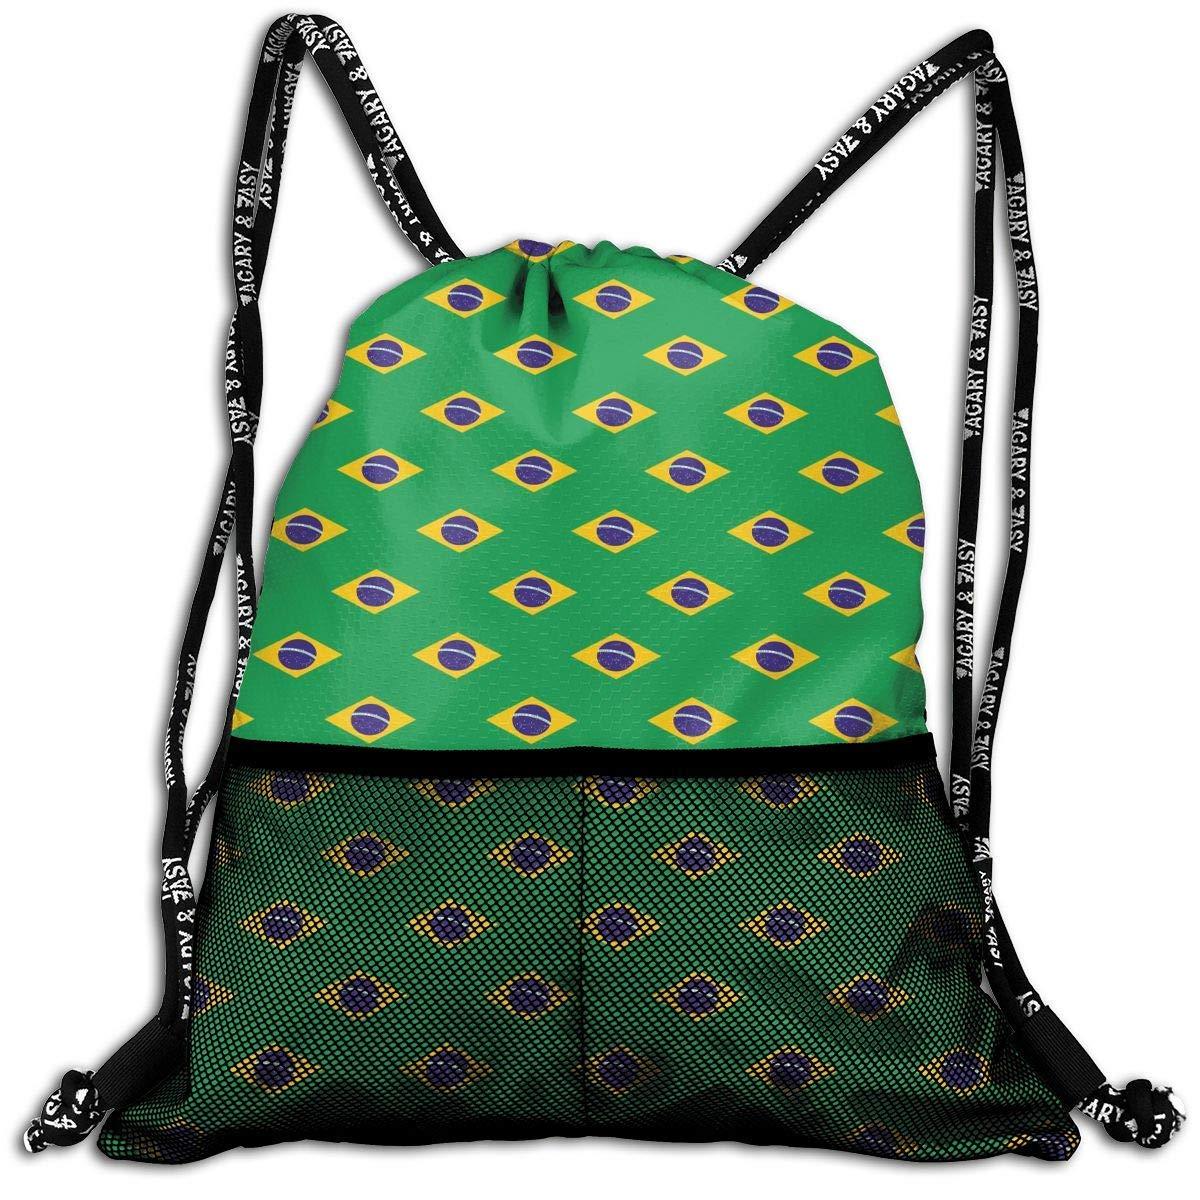 Hipiyoled Brazil Flag Pattern Durable Sport Drawstring Backpack for School Soccer Yoga